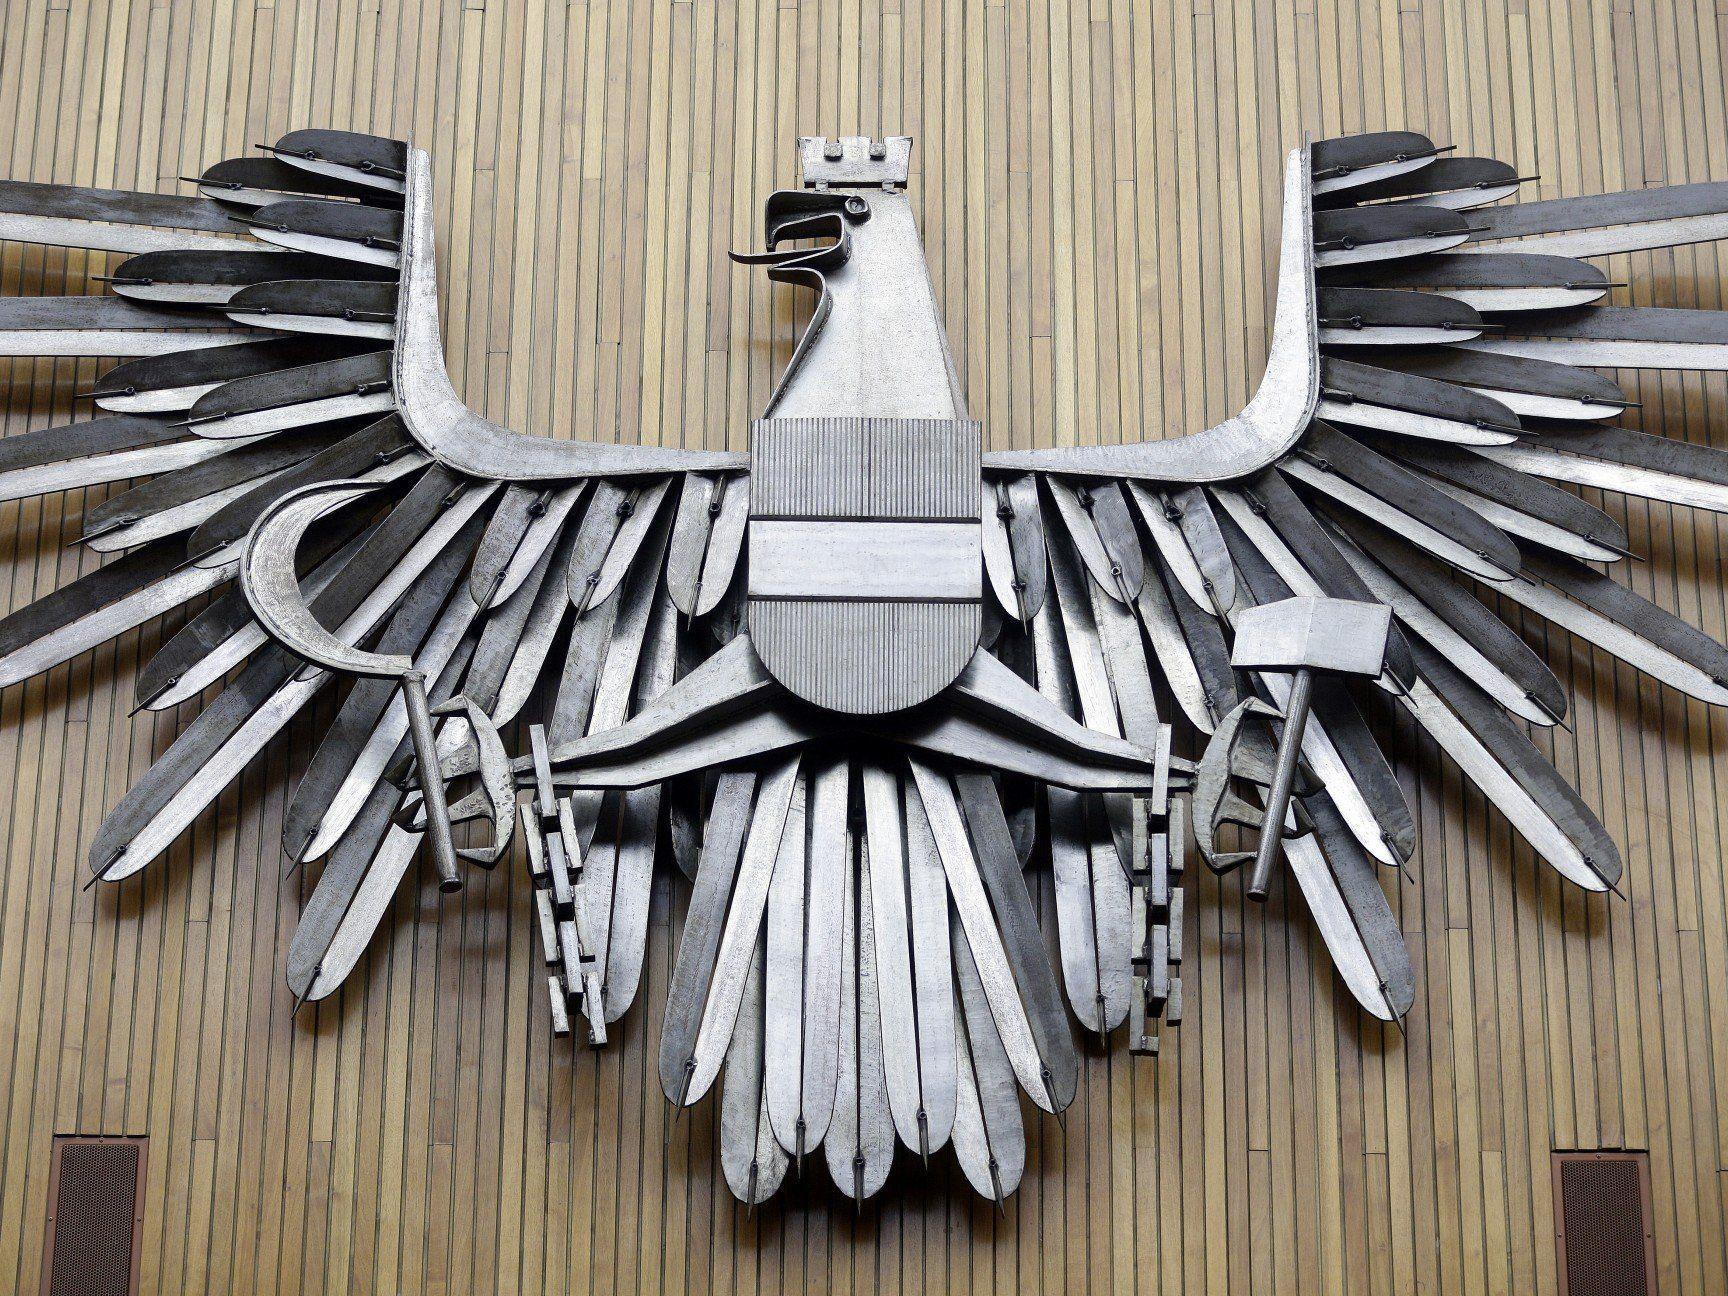 Nationalrat segnet am Donnerstag die Einschränkung der Sonderpensionen ab.